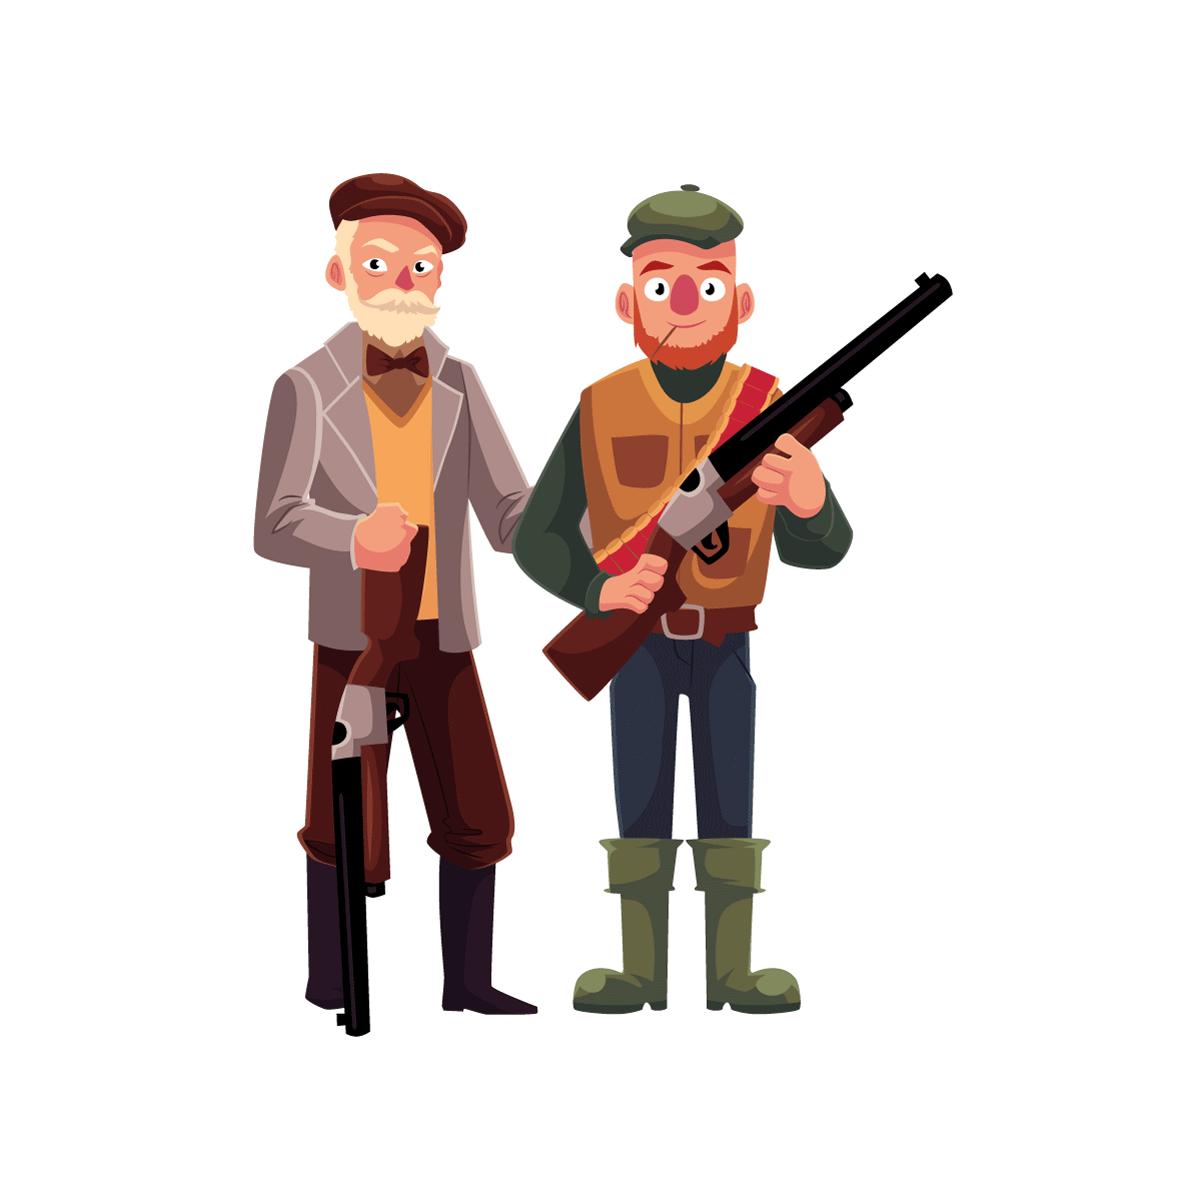 Анекдот про двух старичков, отправившихся влес накабана